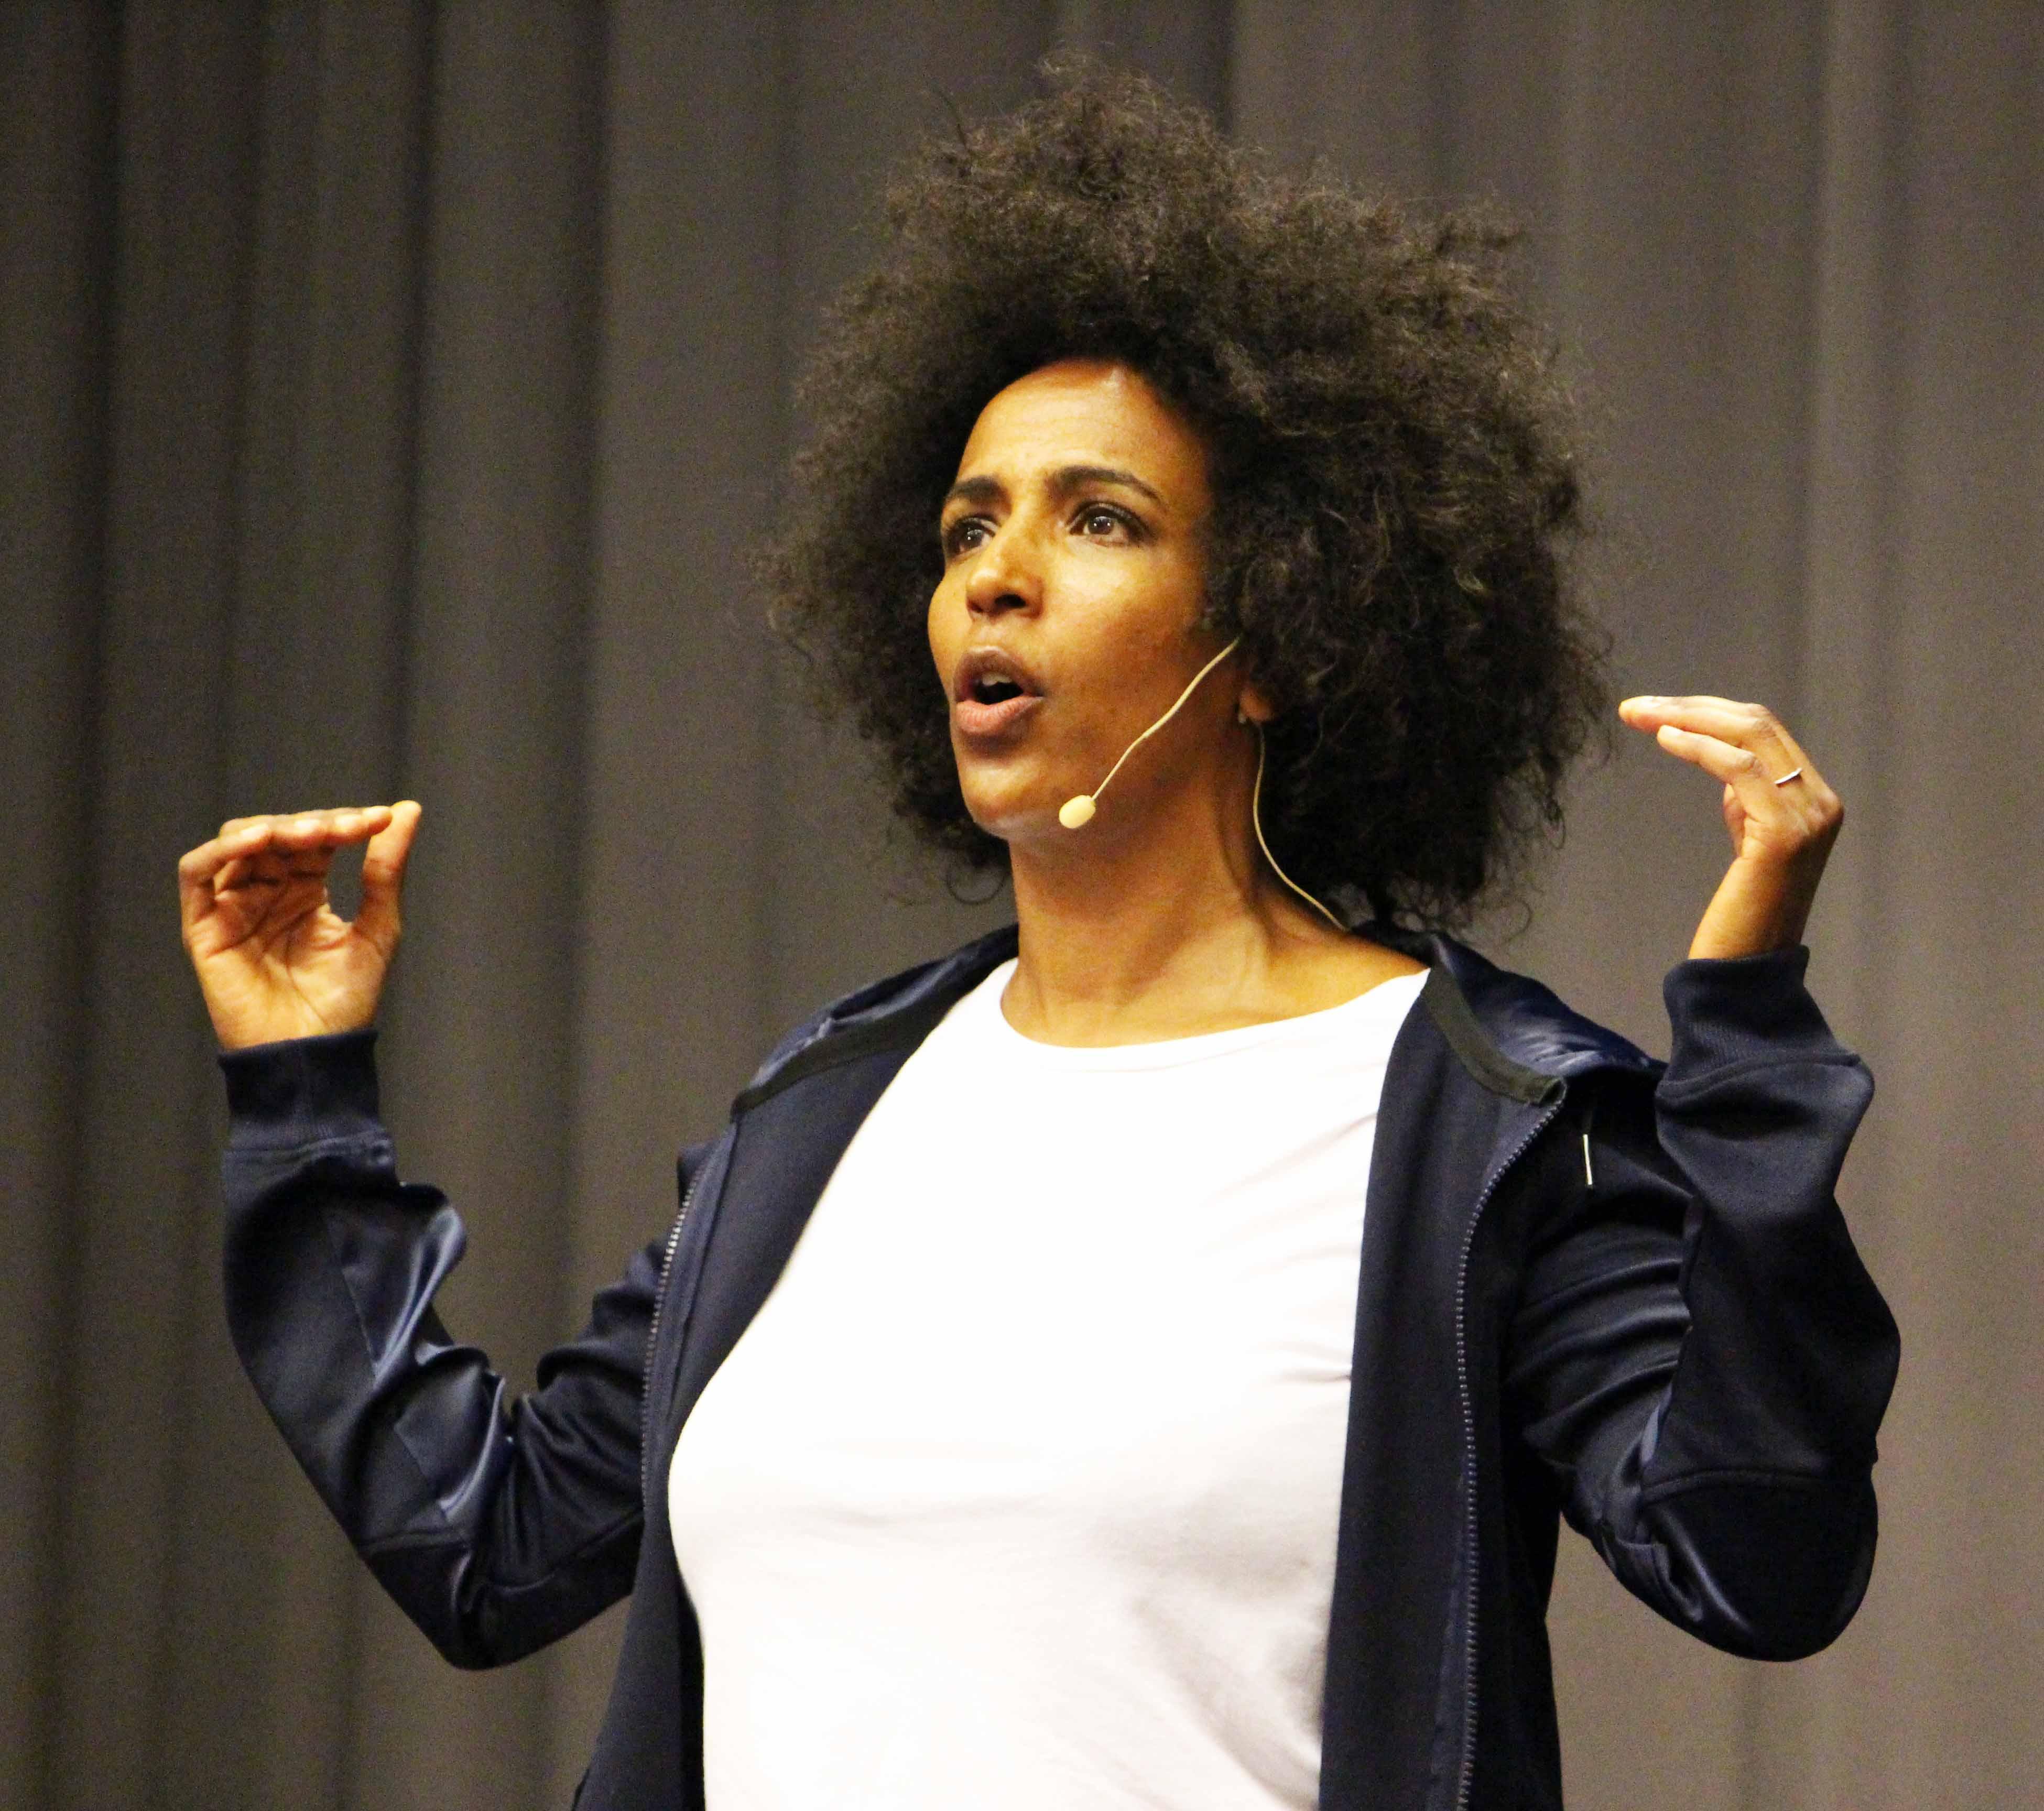 vita flickor första stora svarta dick tecknad sex Cleveland show